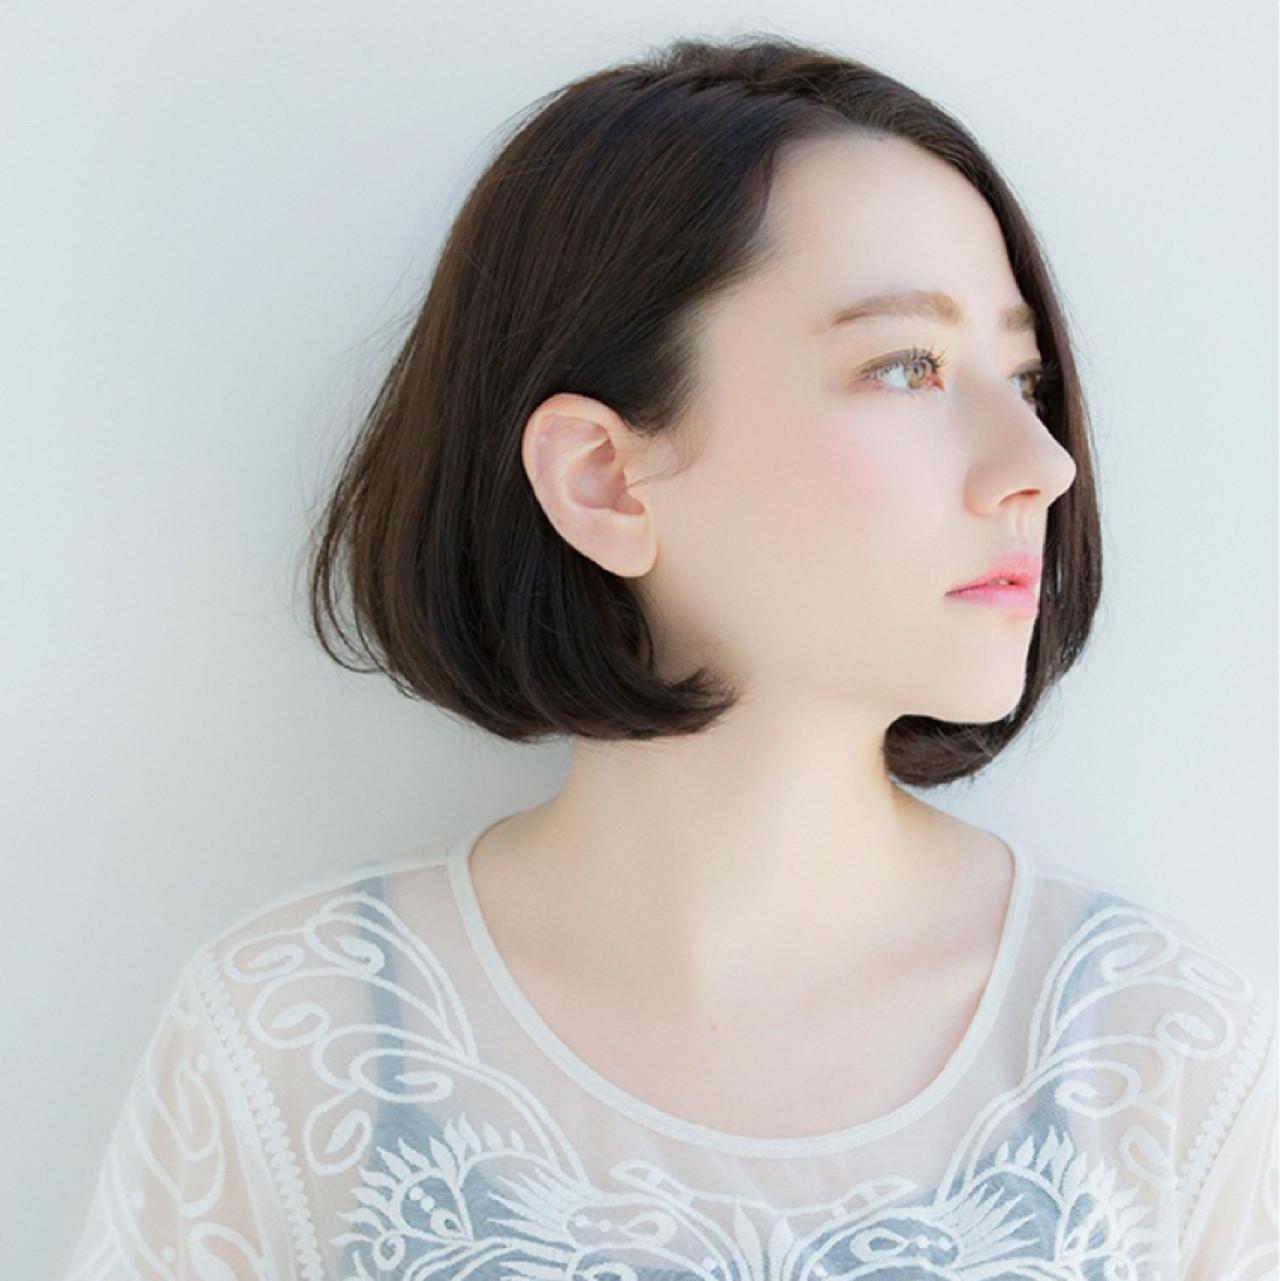 耳かけワンレンボブで大人っぽさUP♪ 東 純平 | Ramie omotesando